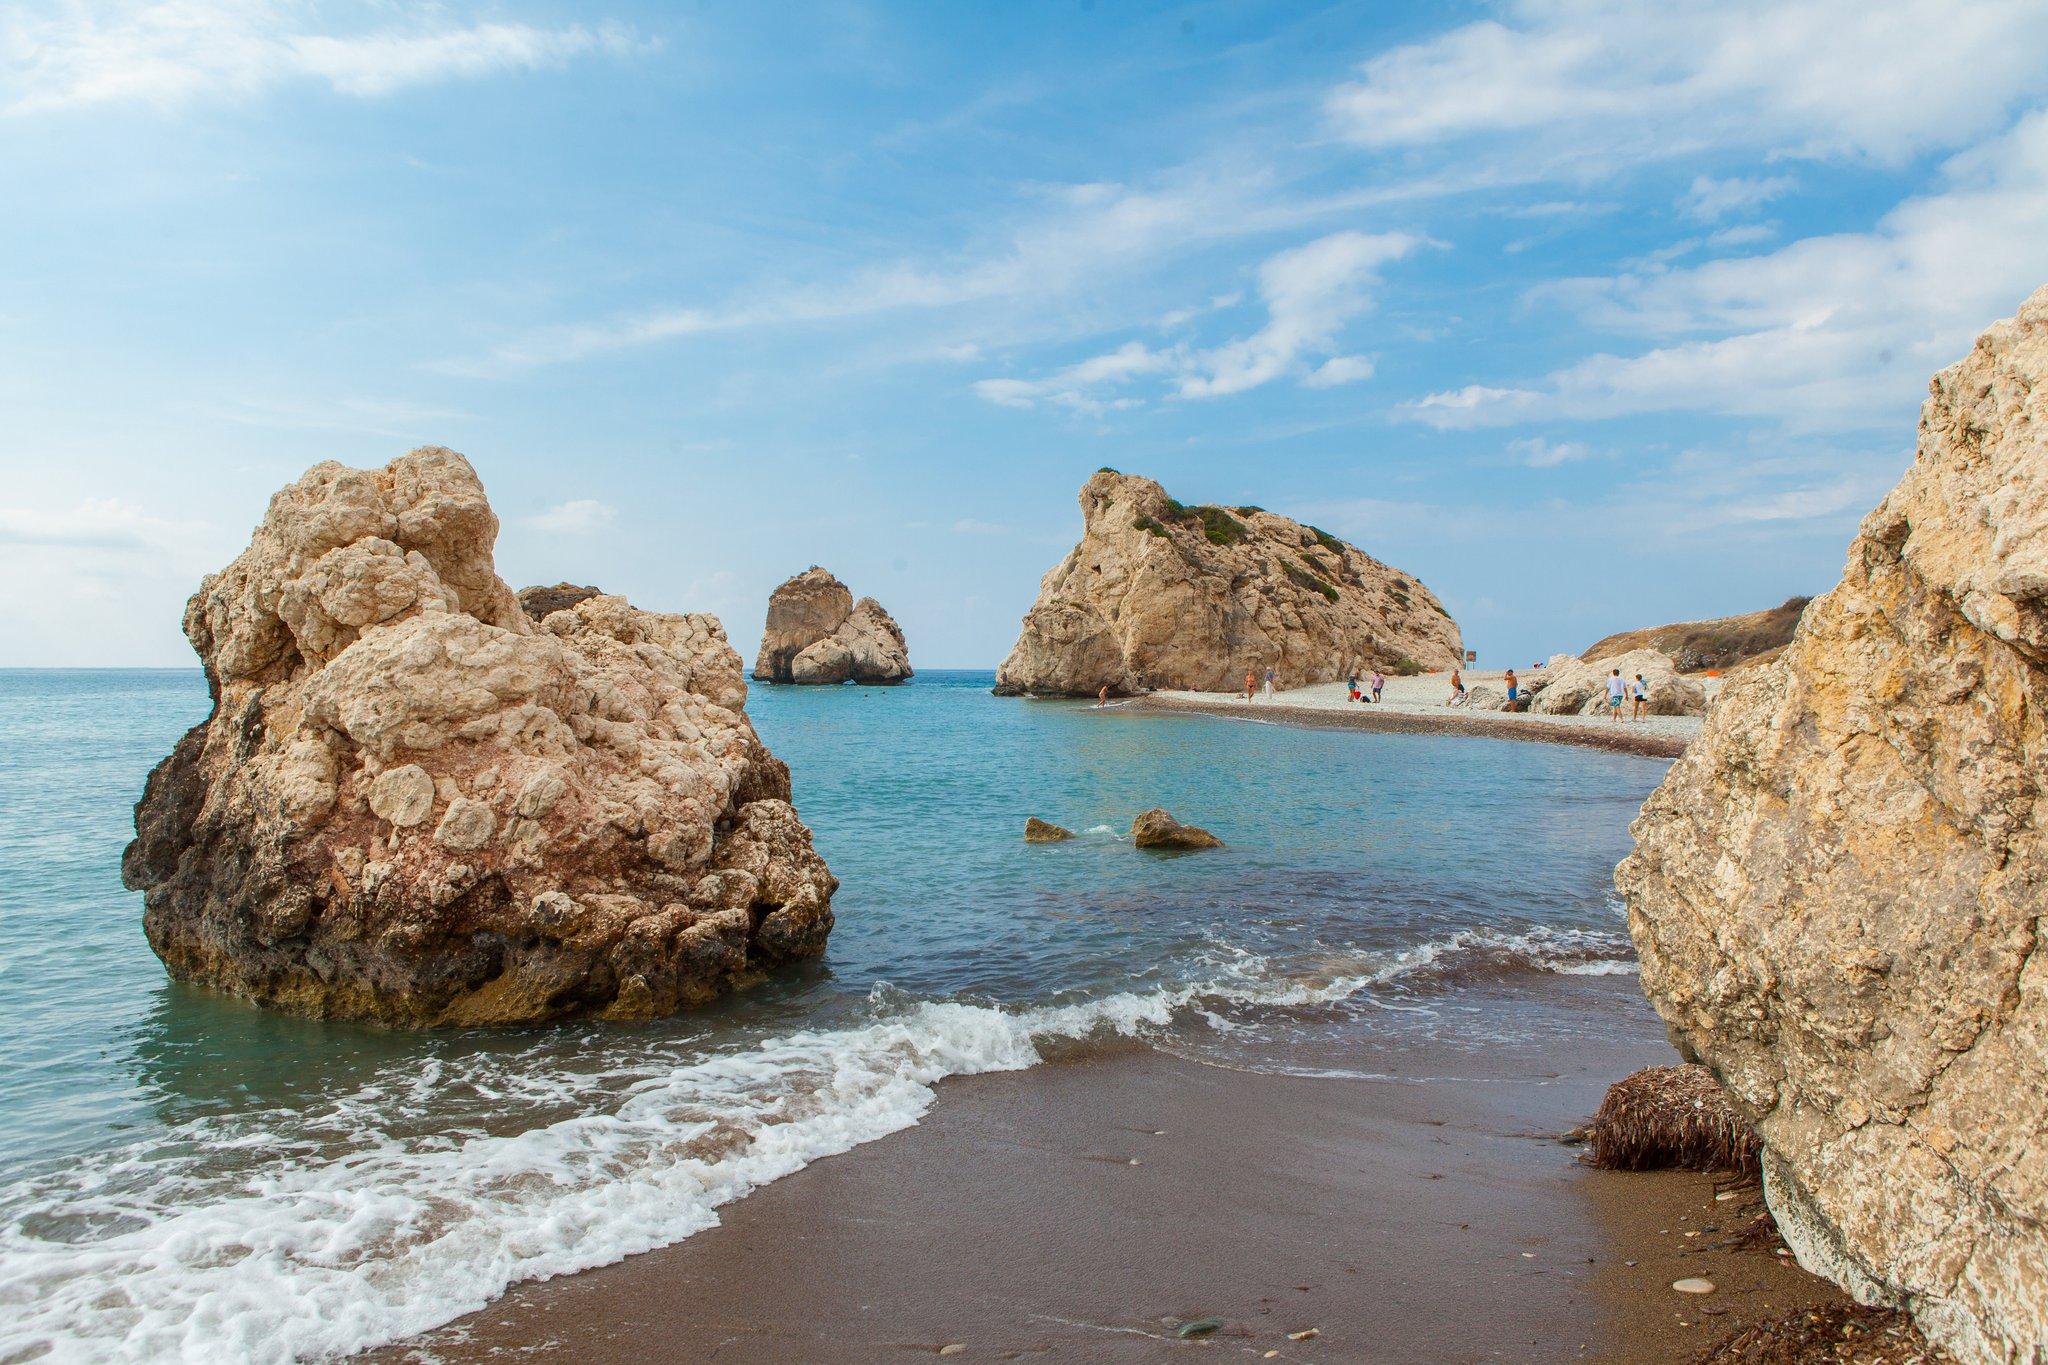 Освен туристи, Кипър иска да привлече и филмови продукции